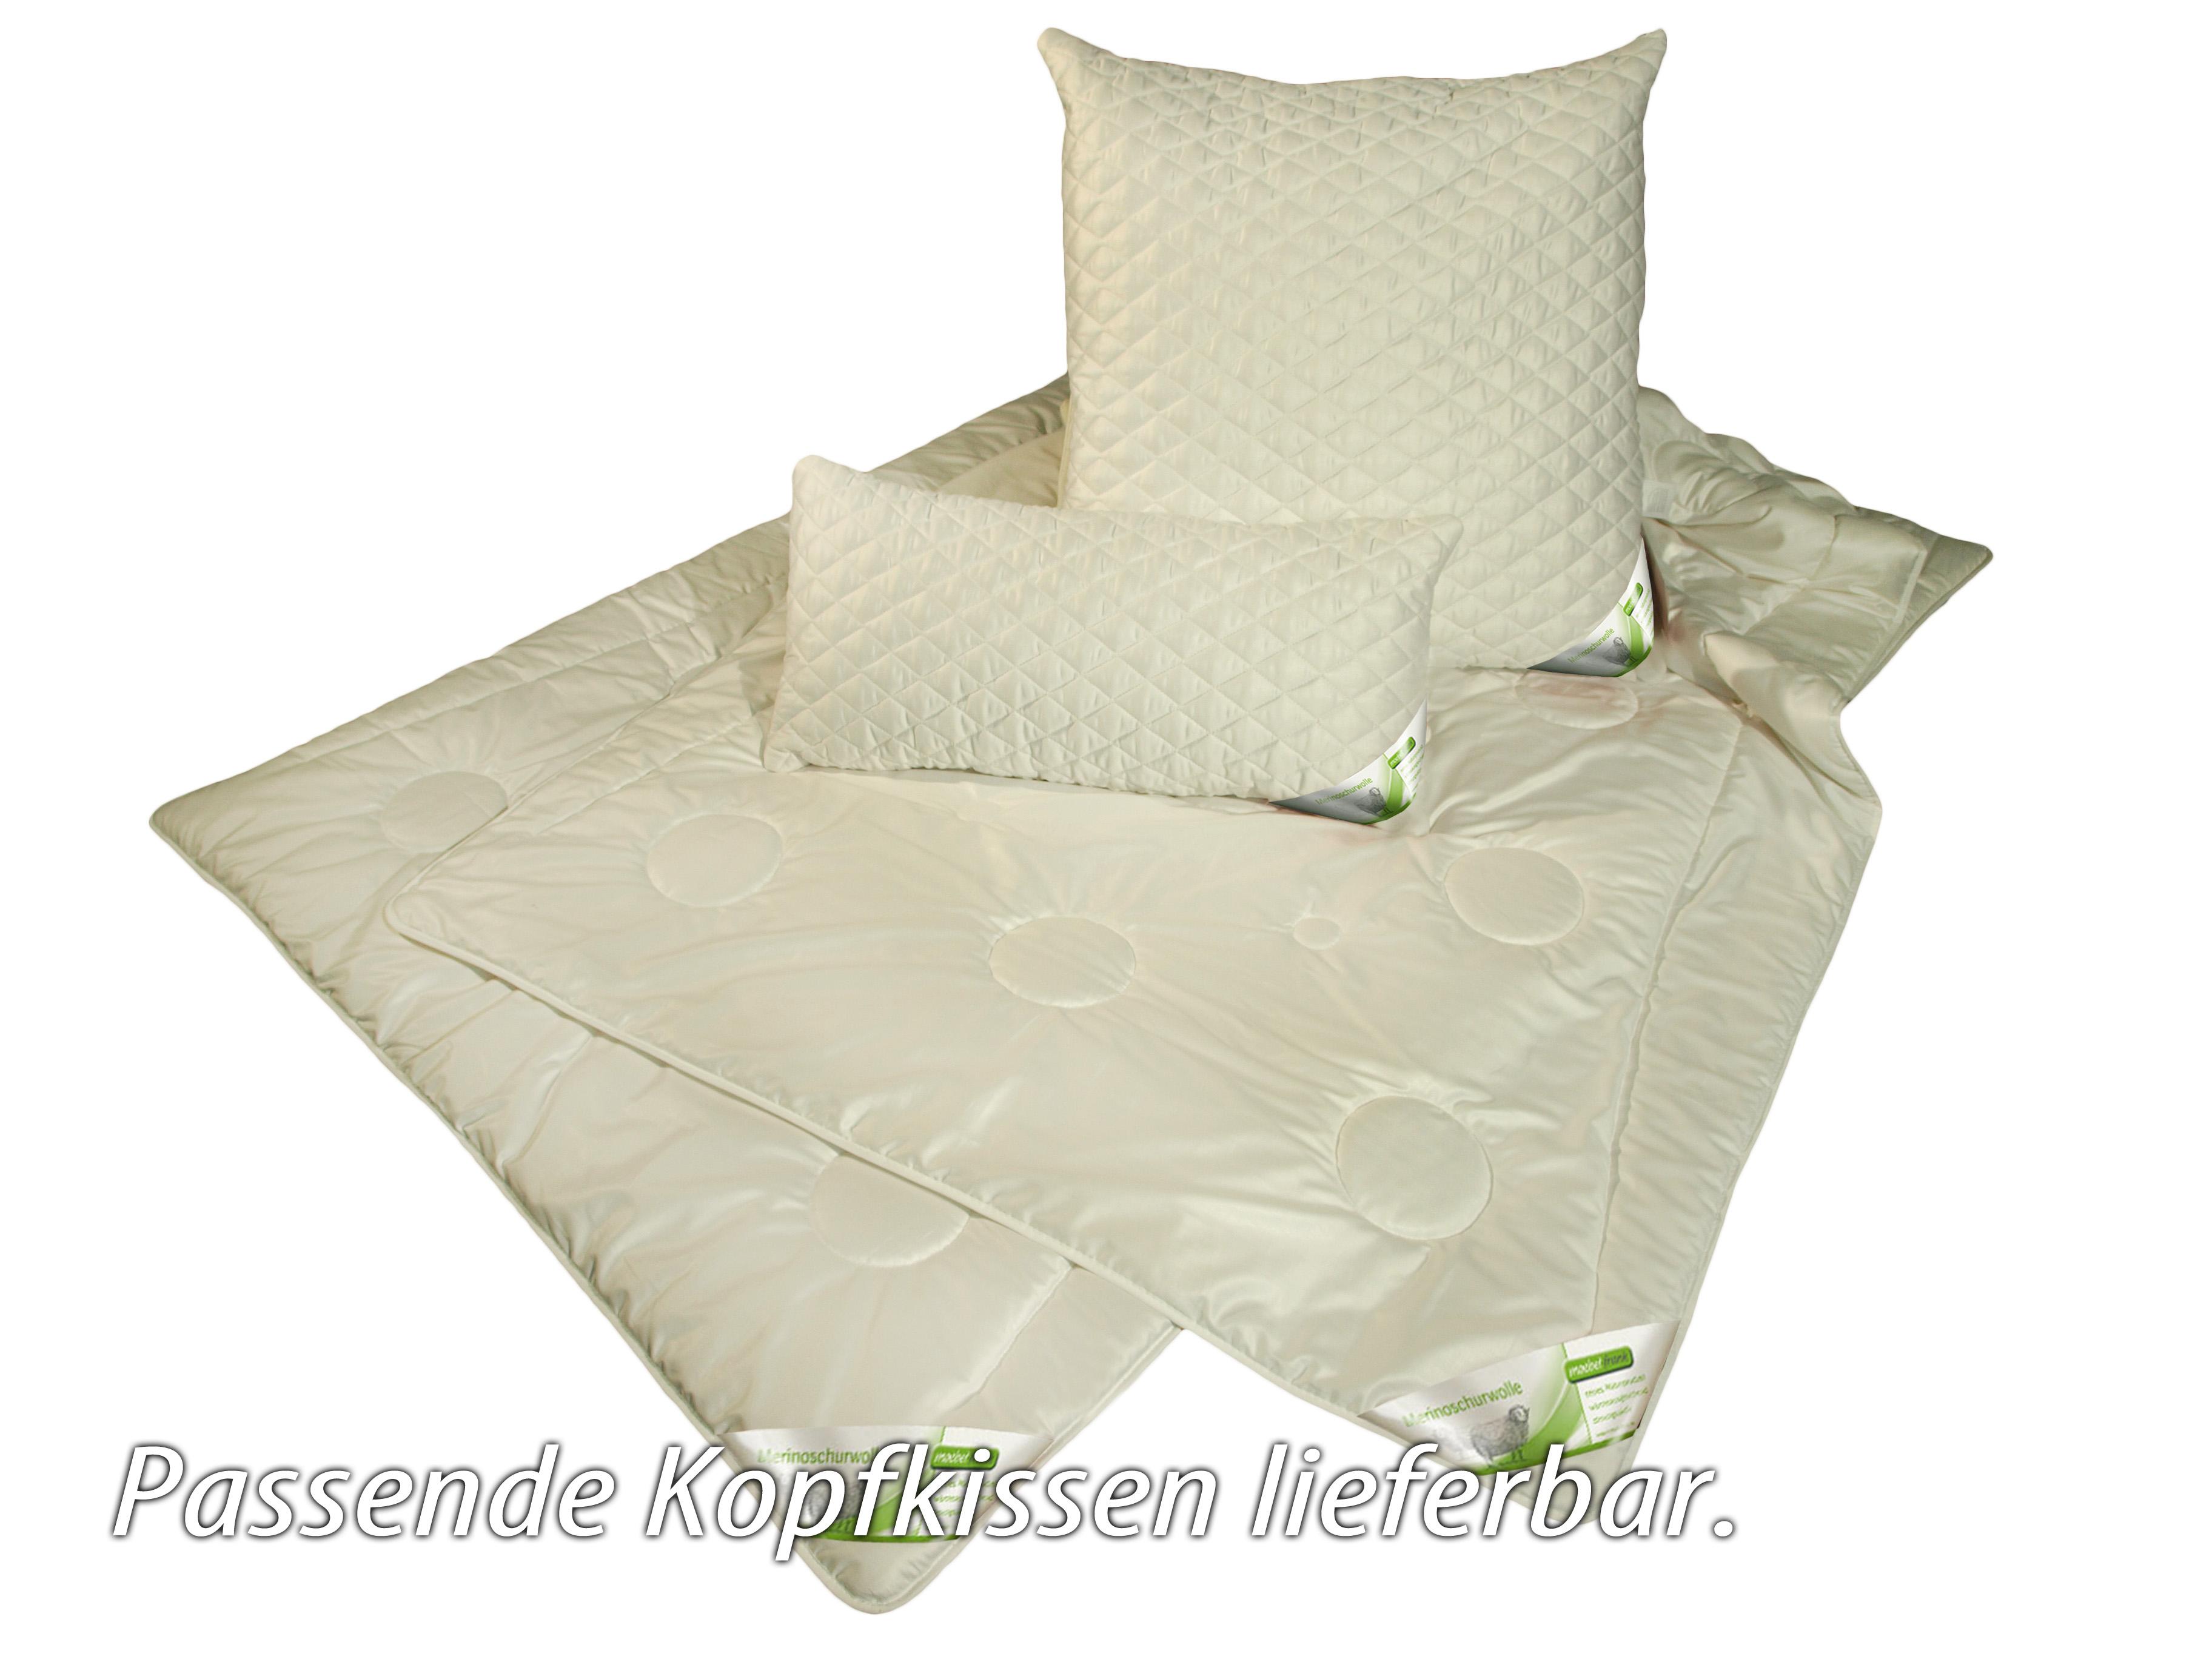 Details Zu Bettdecke Duo Ganzjahres Decke Merino Schaf Schurwolle Baumwolle Bett Melina